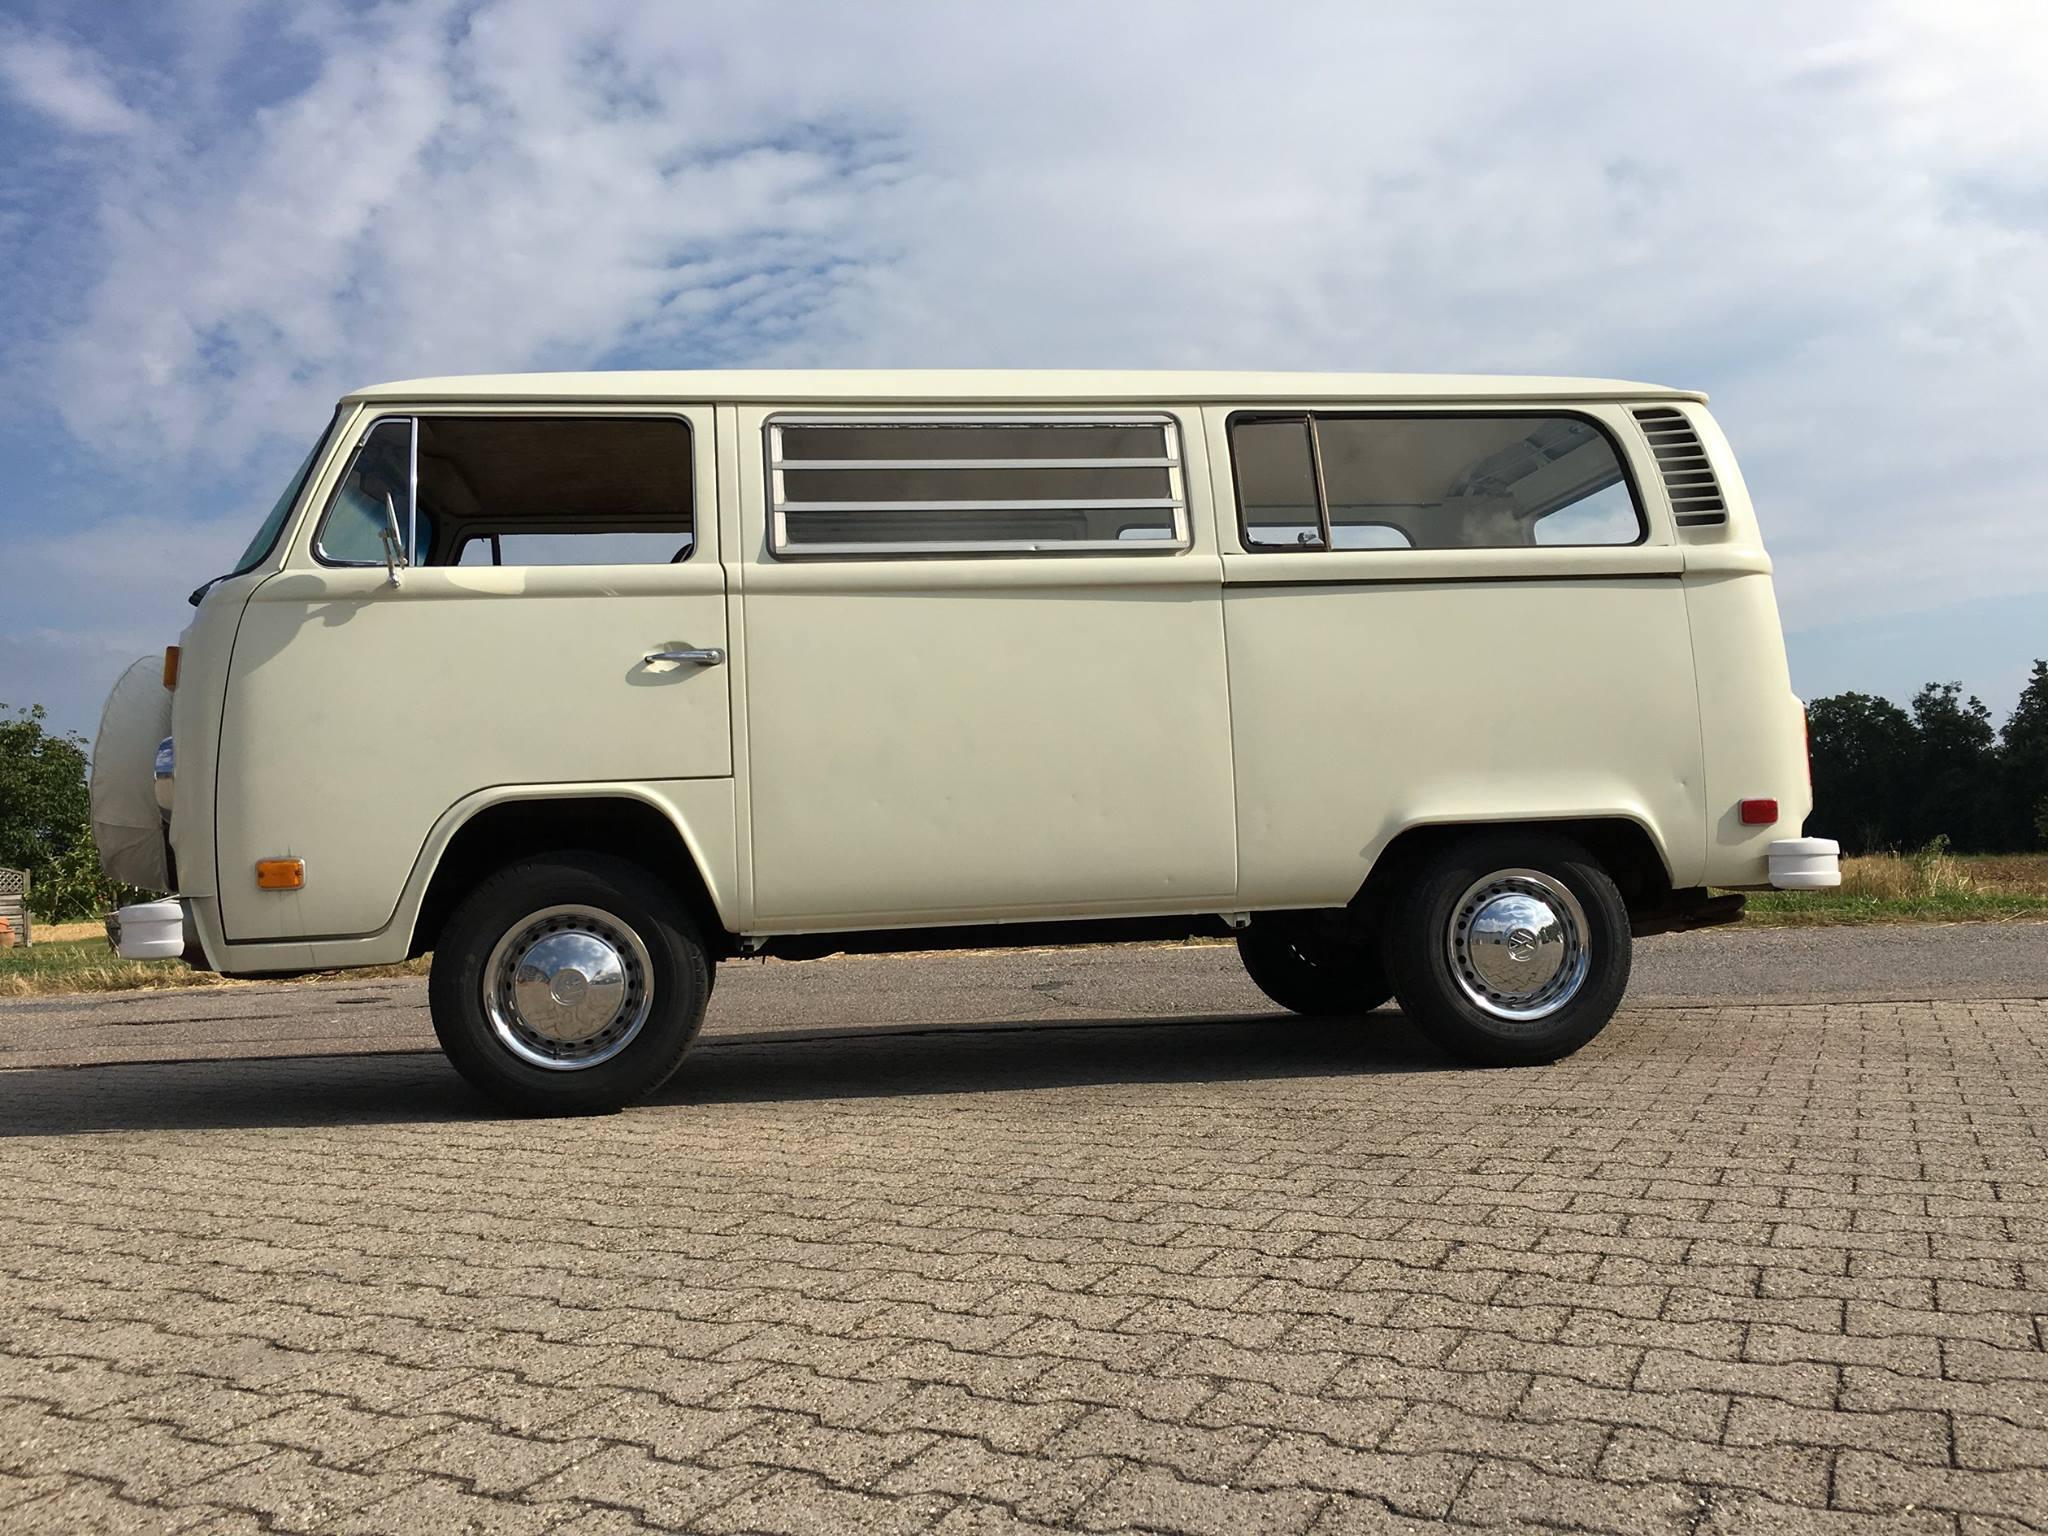 liebe auf den ersten blick selfiebus dein fotobus miete den fotobus in k ln frankfurt. Black Bedroom Furniture Sets. Home Design Ideas